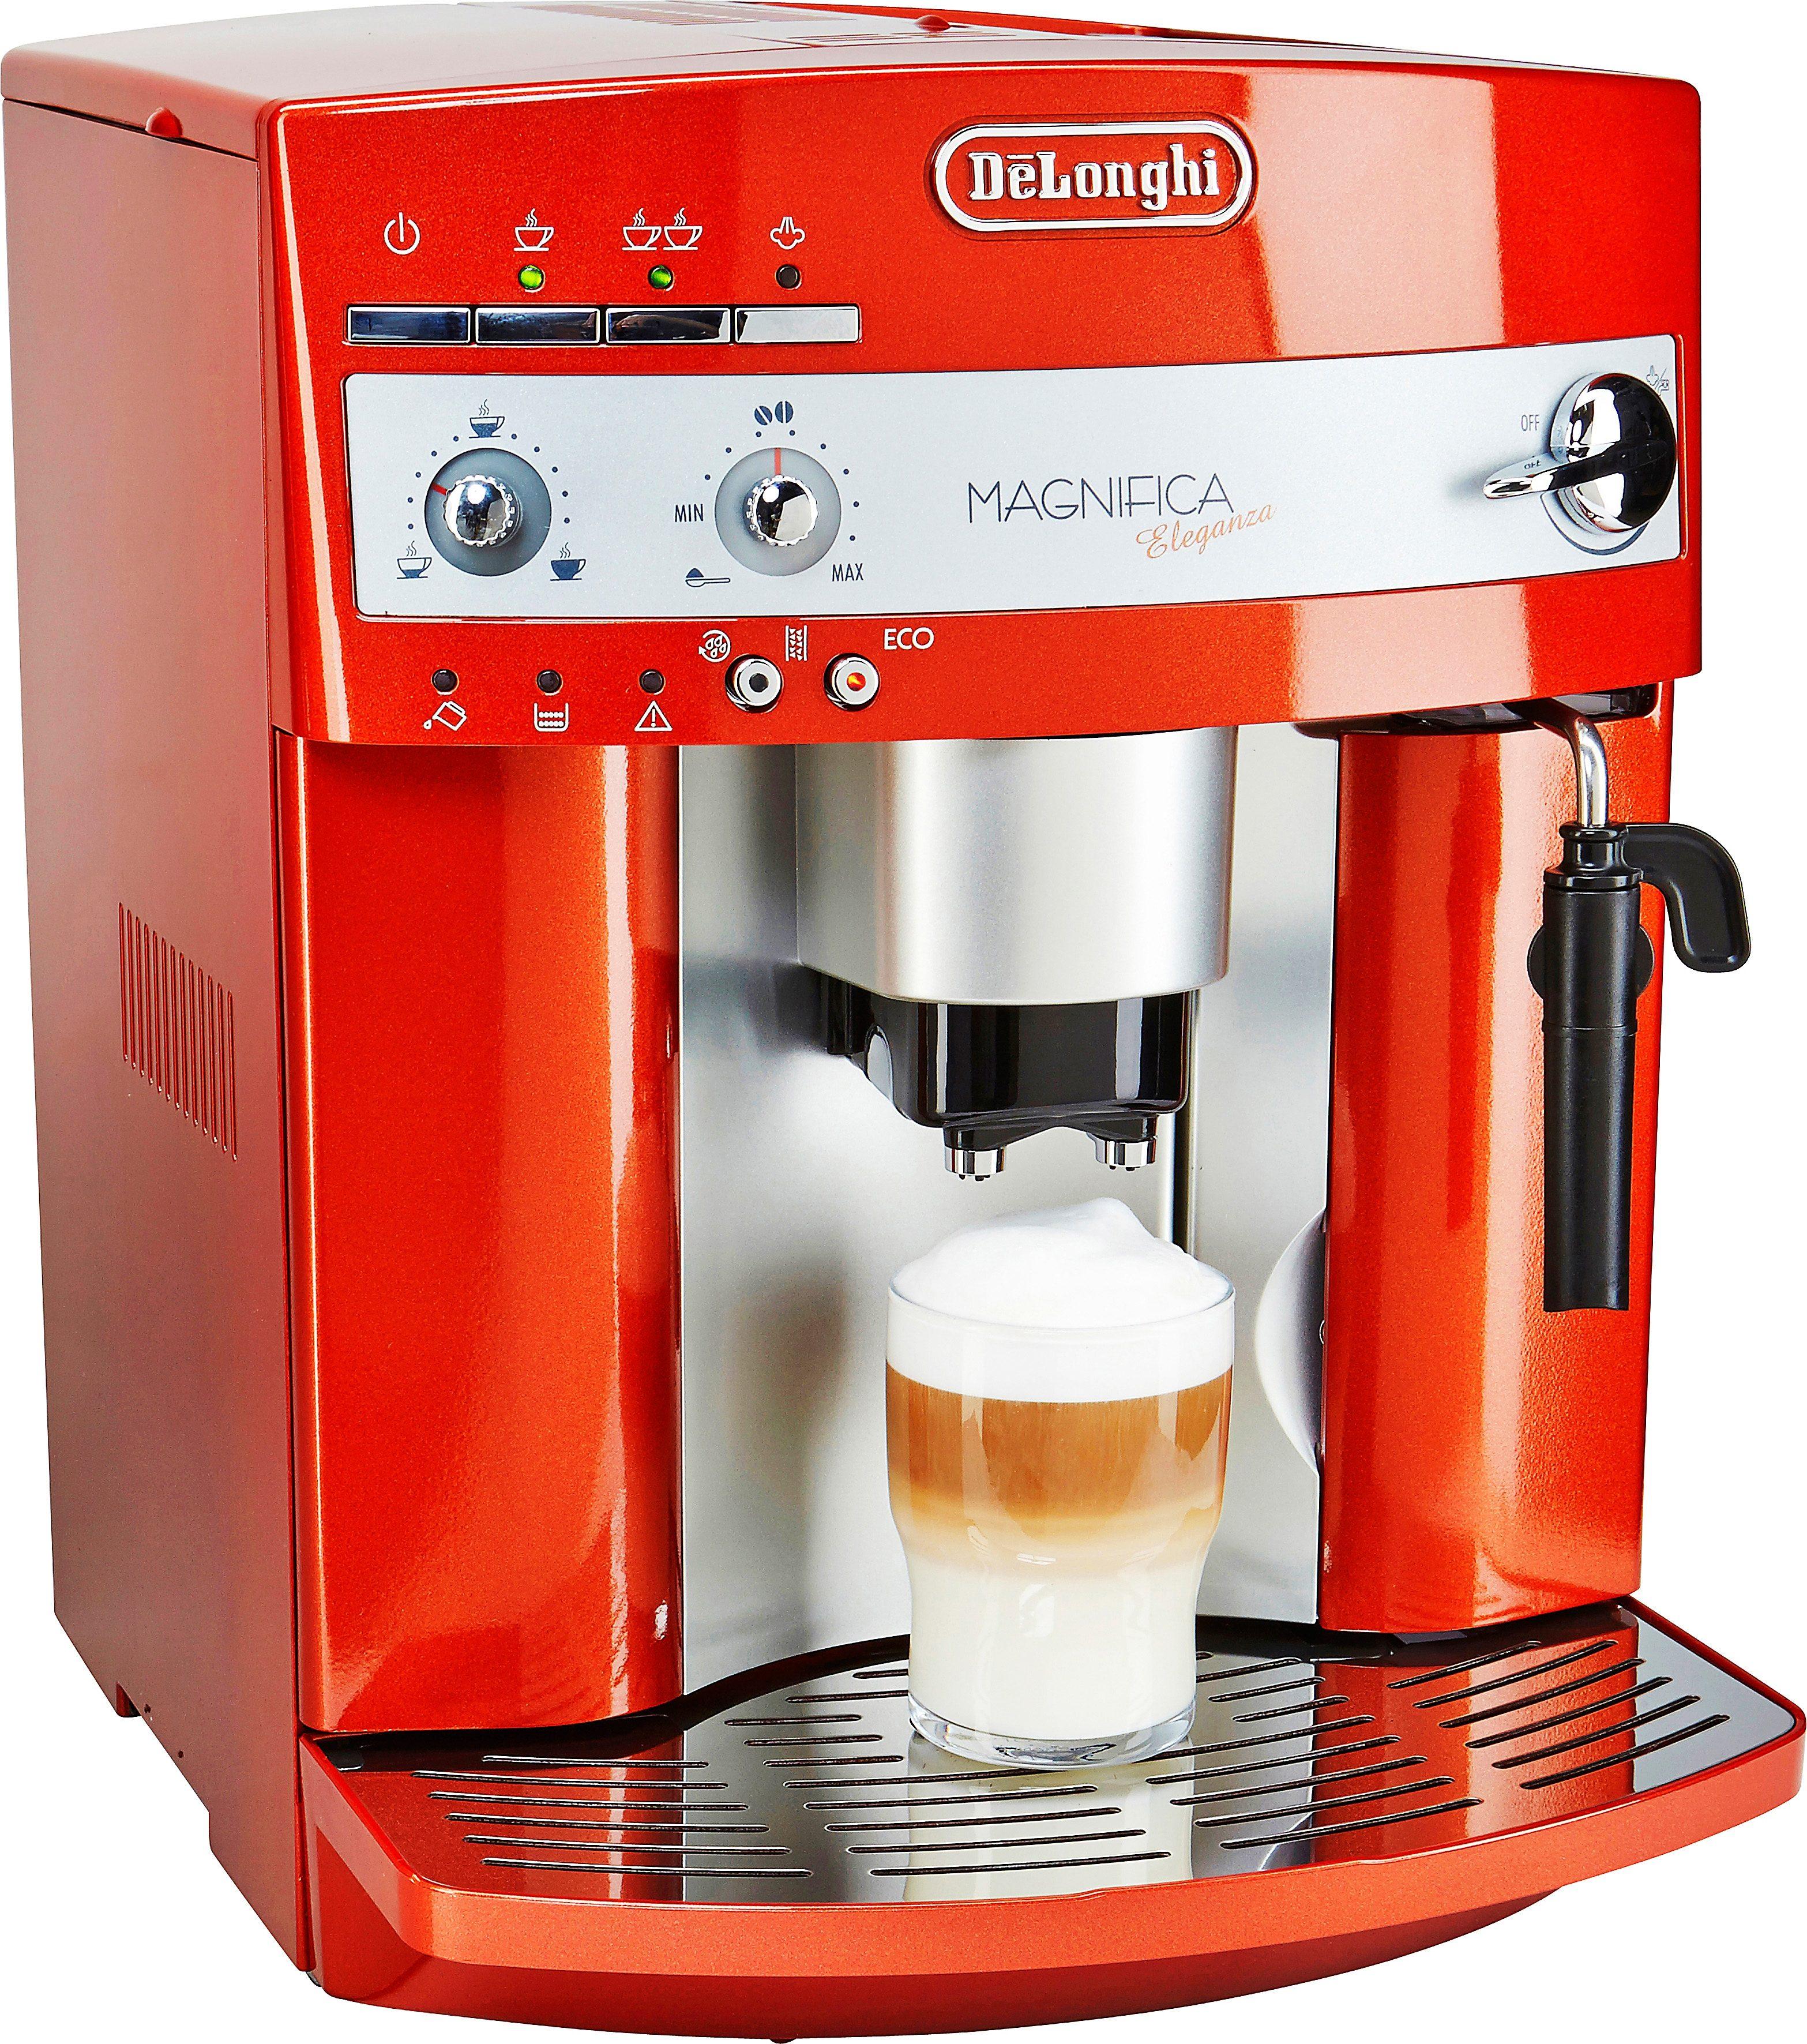 De'Longhi Kaffeevollautomat Magnifica ESAM 3200.S/3240, verstellbarer Kaffeeauslauf